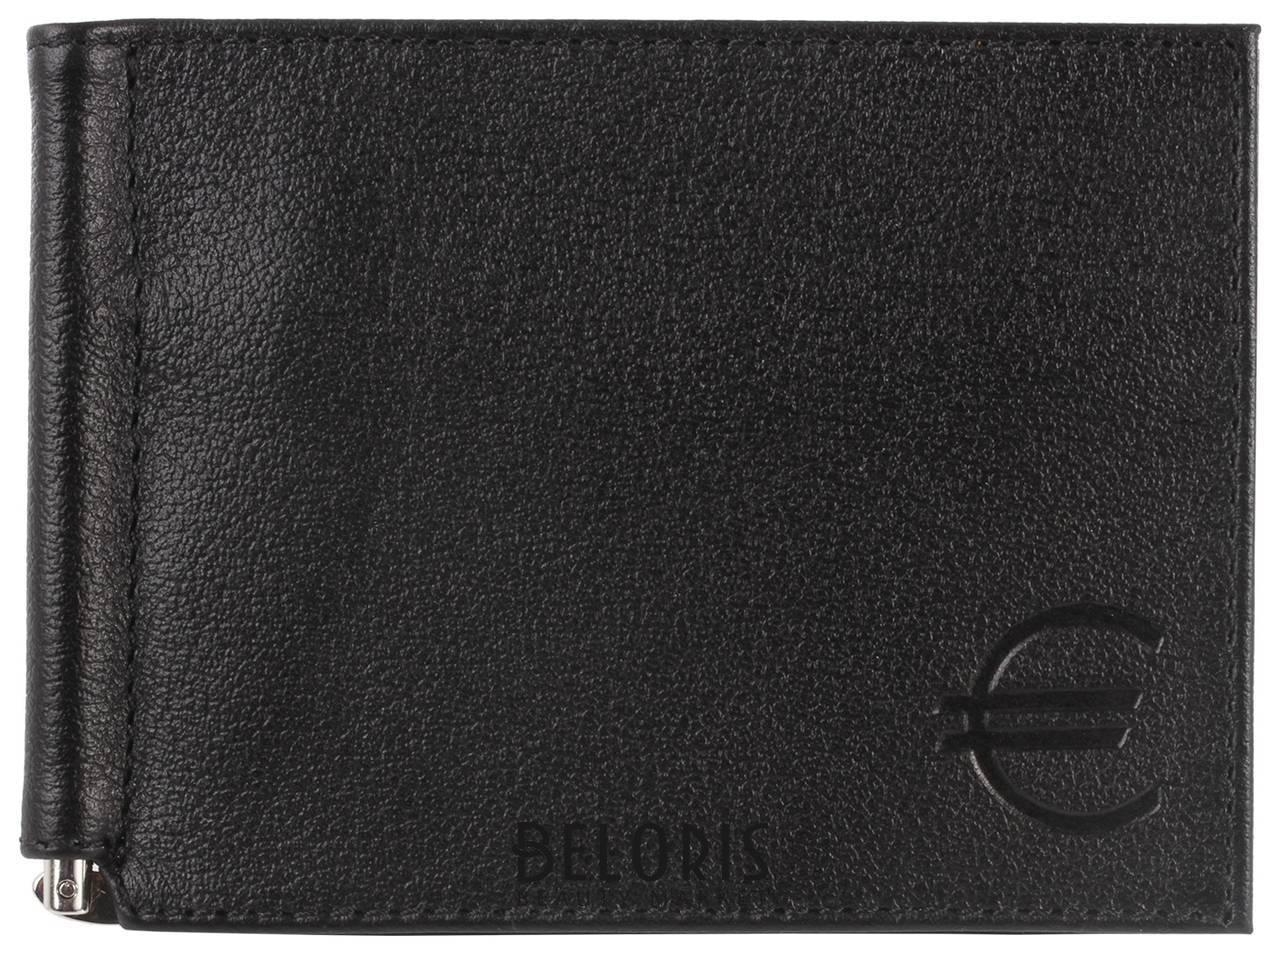 Зажим для купюр Befler Грейд, натуральная кожа, тиснение, 120х86 мм, черный Befler